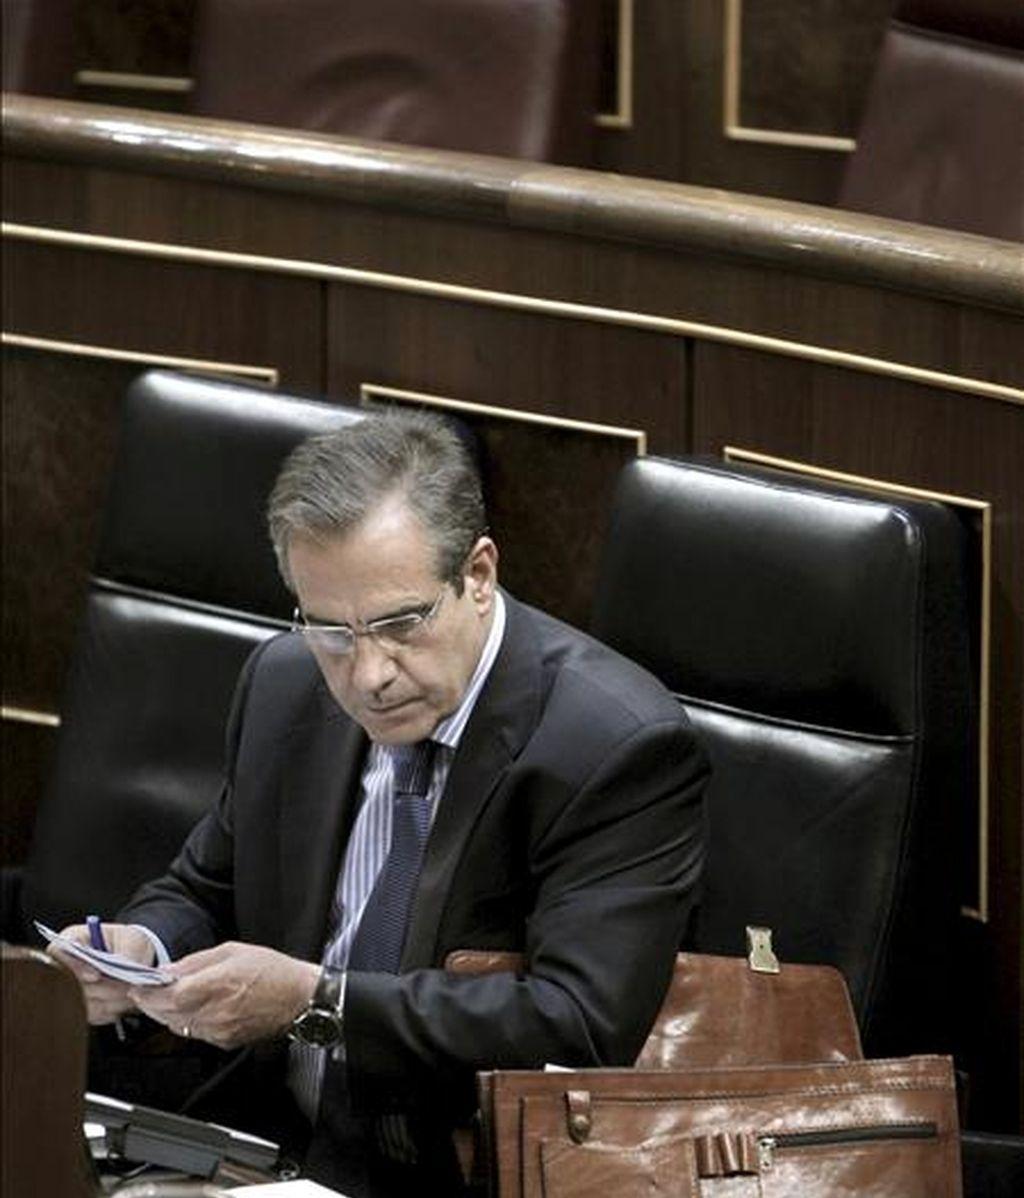 El ministro de Trabajo e Inmigración, Celestino Corbacho, prepara su intervención en su escaño, durante la sesión de control al Ejecutivo celebrada hoy en el Congreso de los Diputados. EFE